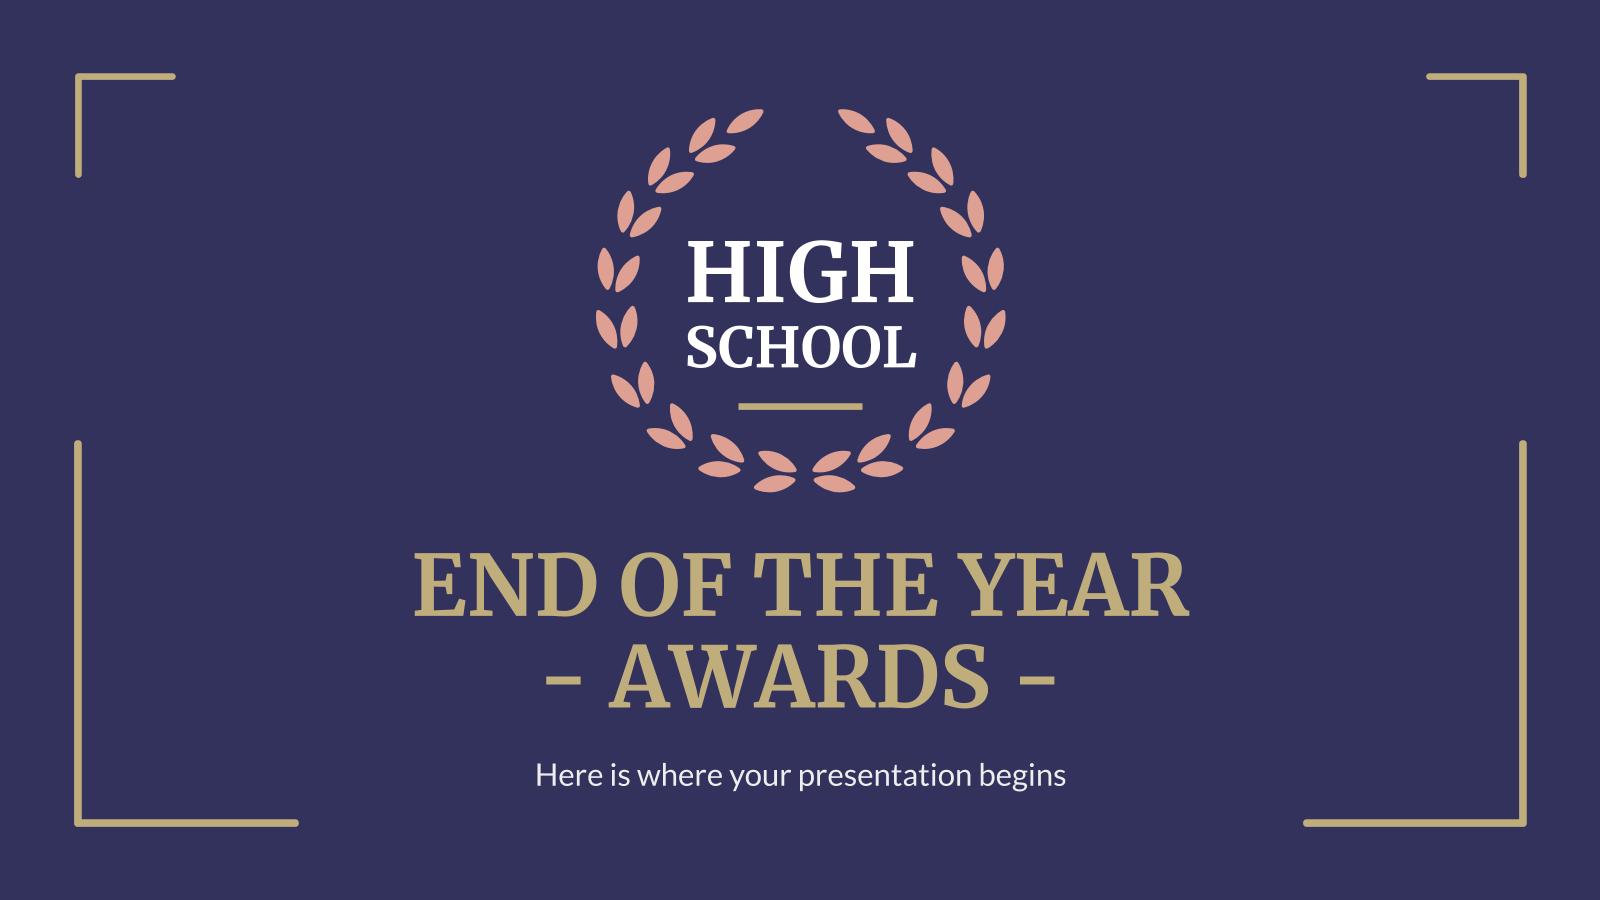 Modelo de apresentação Prêmios fim de ano: ensino médio